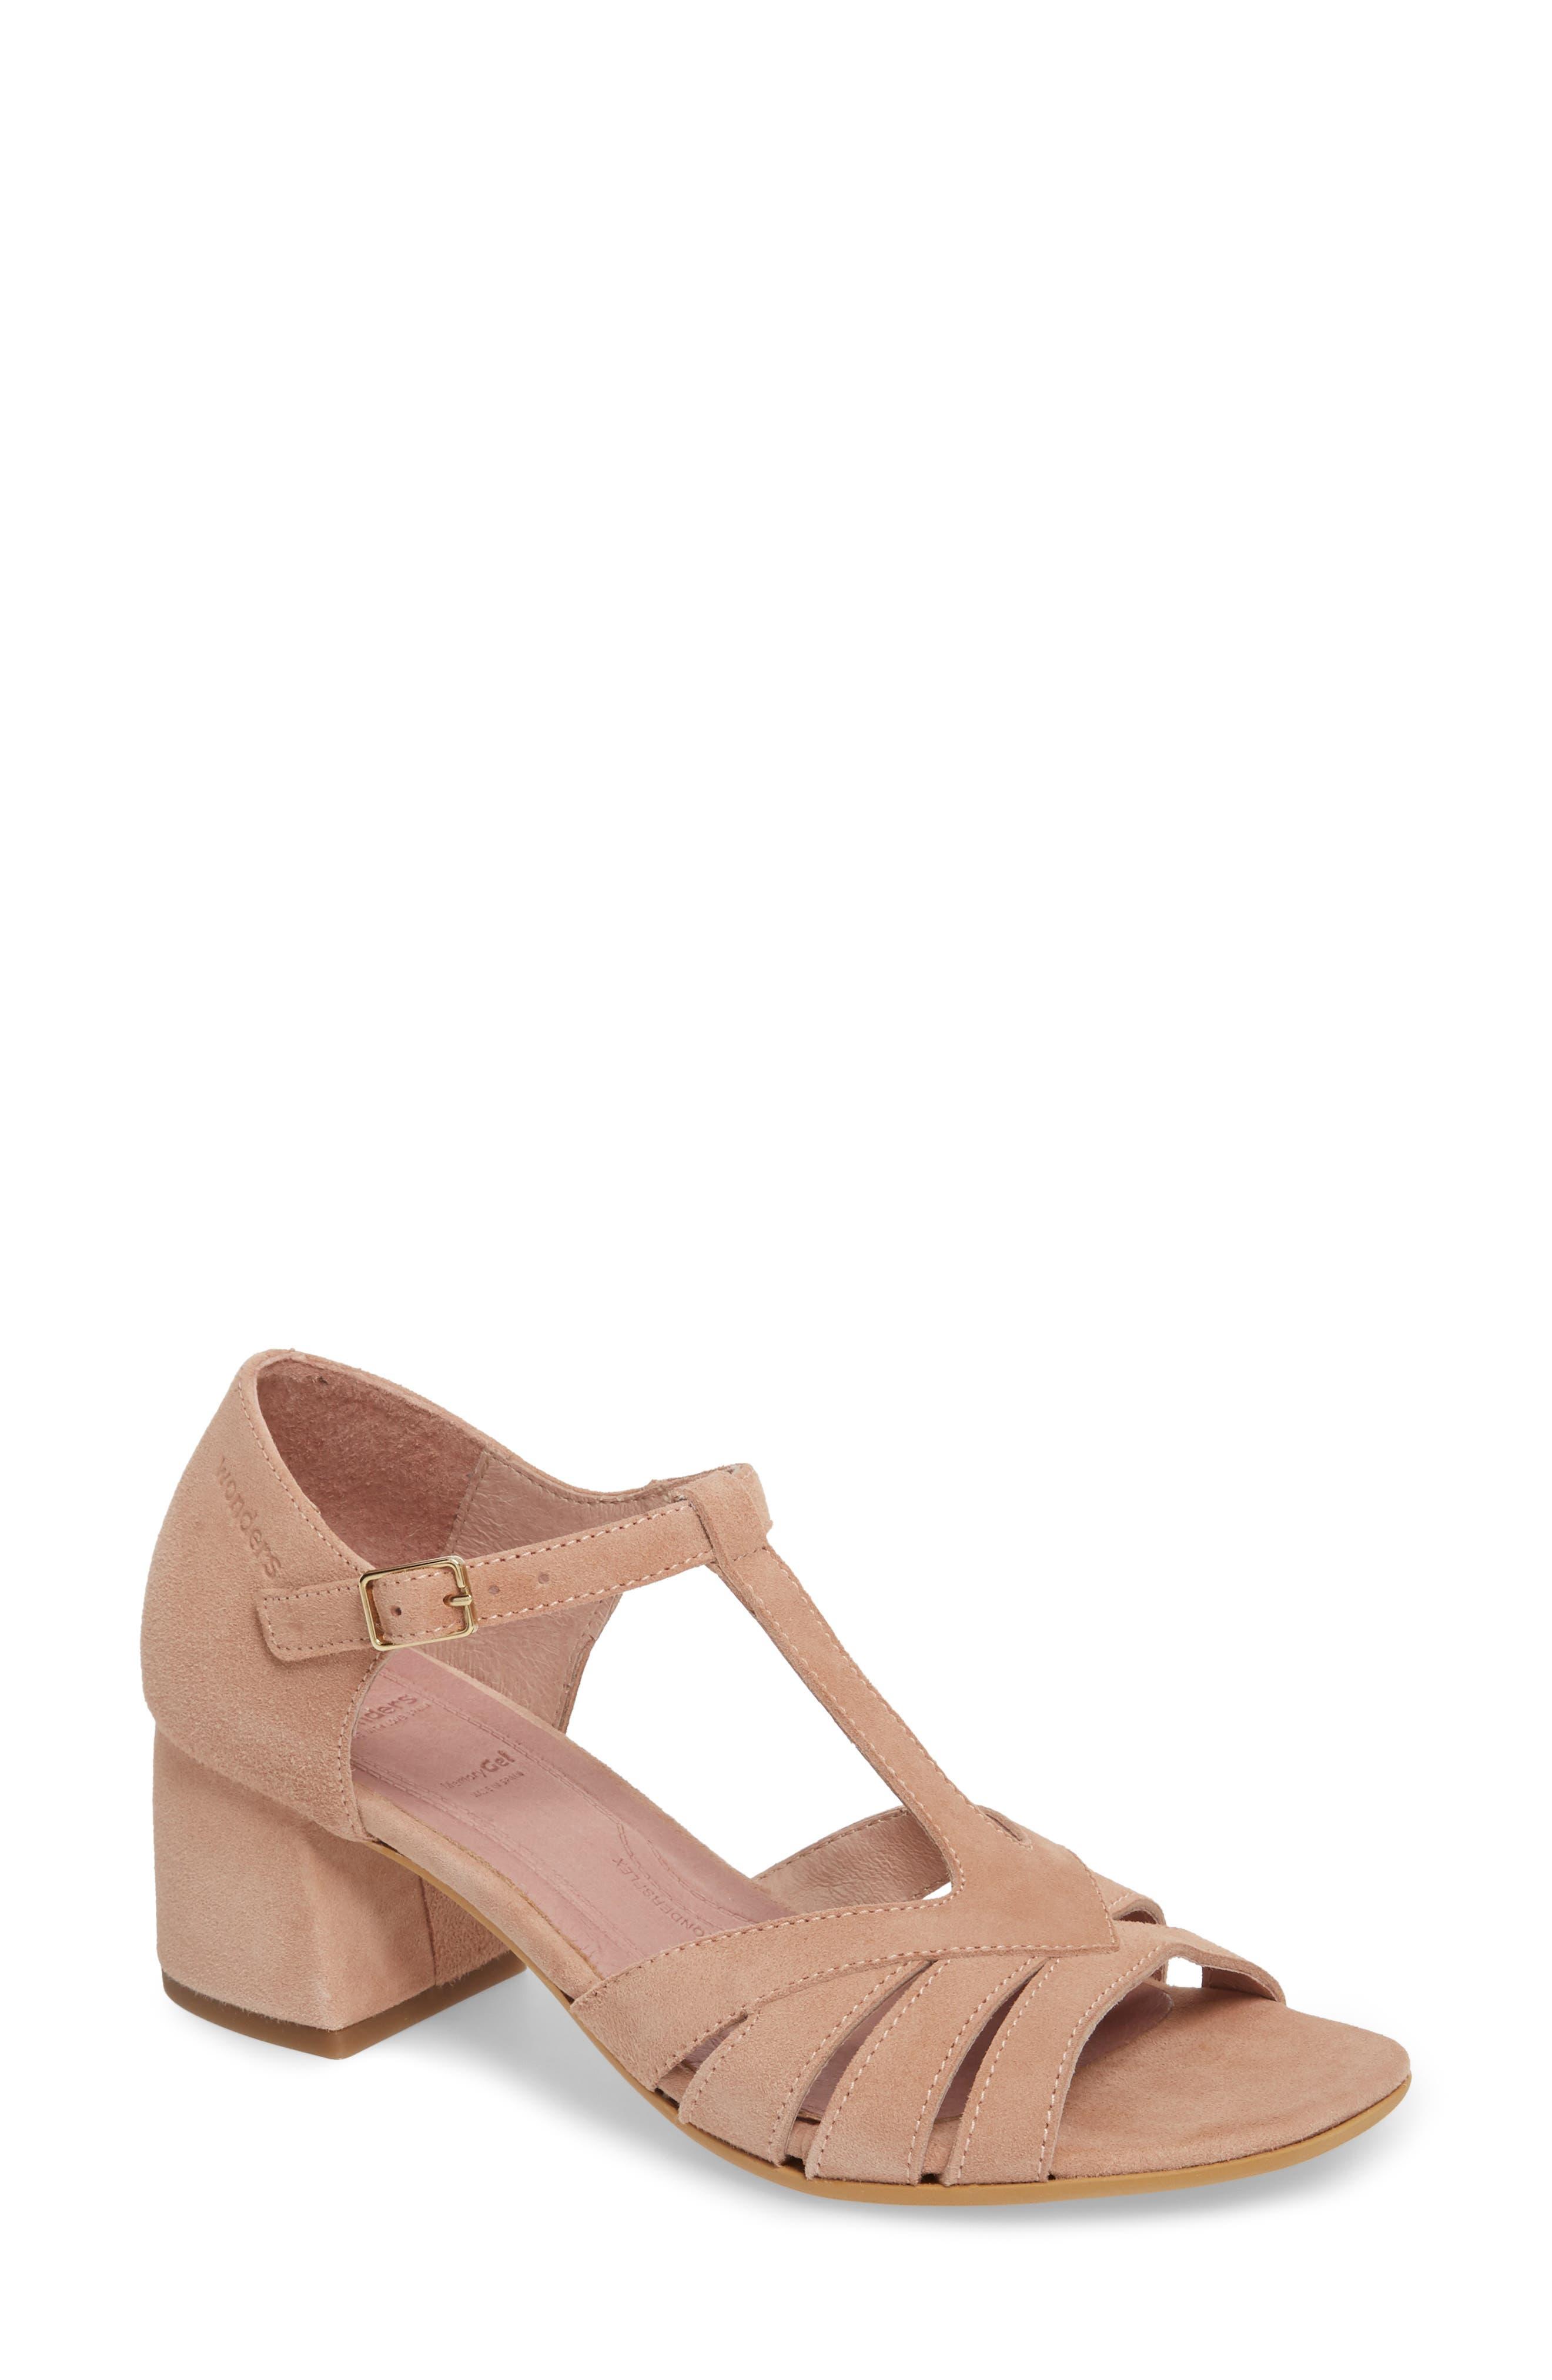 Wonders Block Heel Sandal - Beige